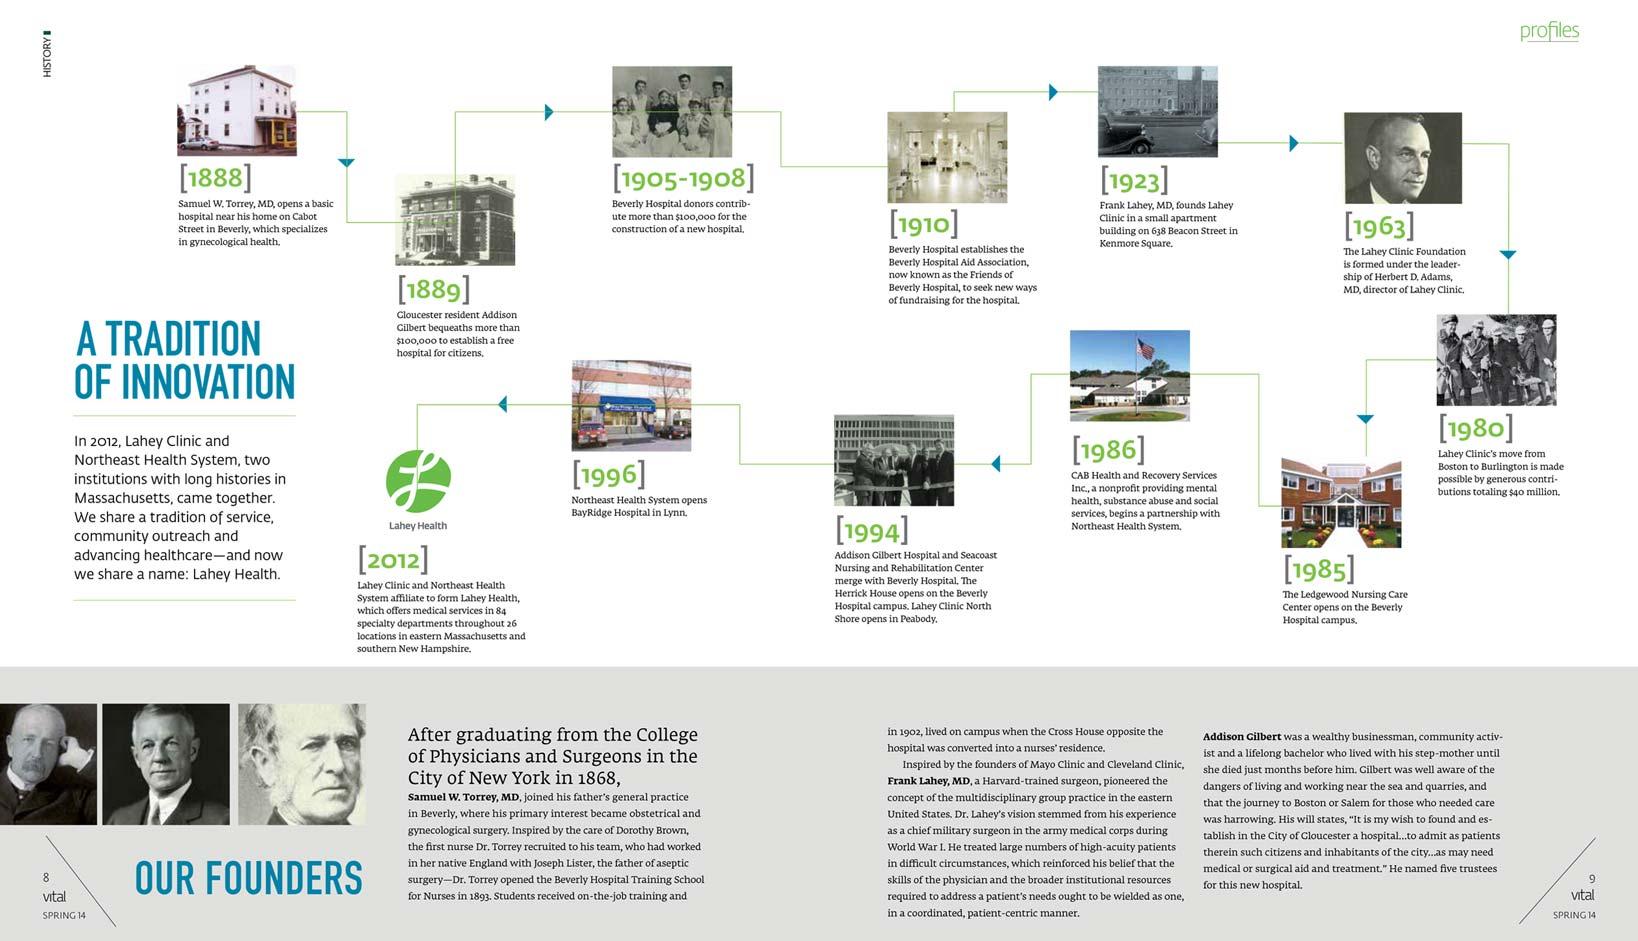 Vital magazine timeline